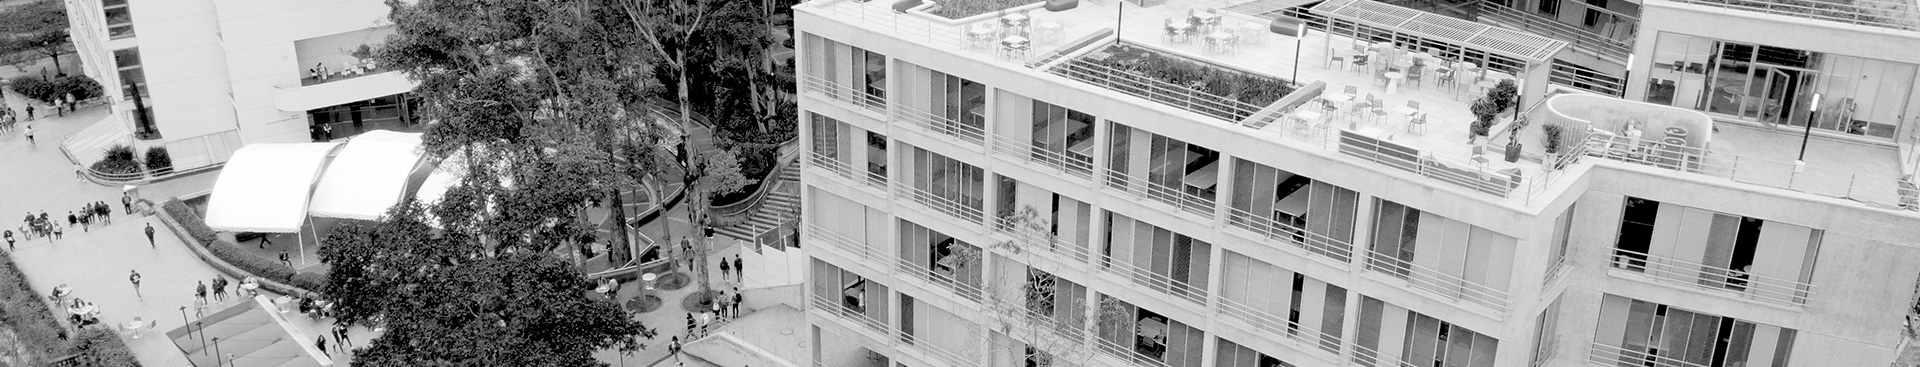 Edificio Arquitectura Uniandes